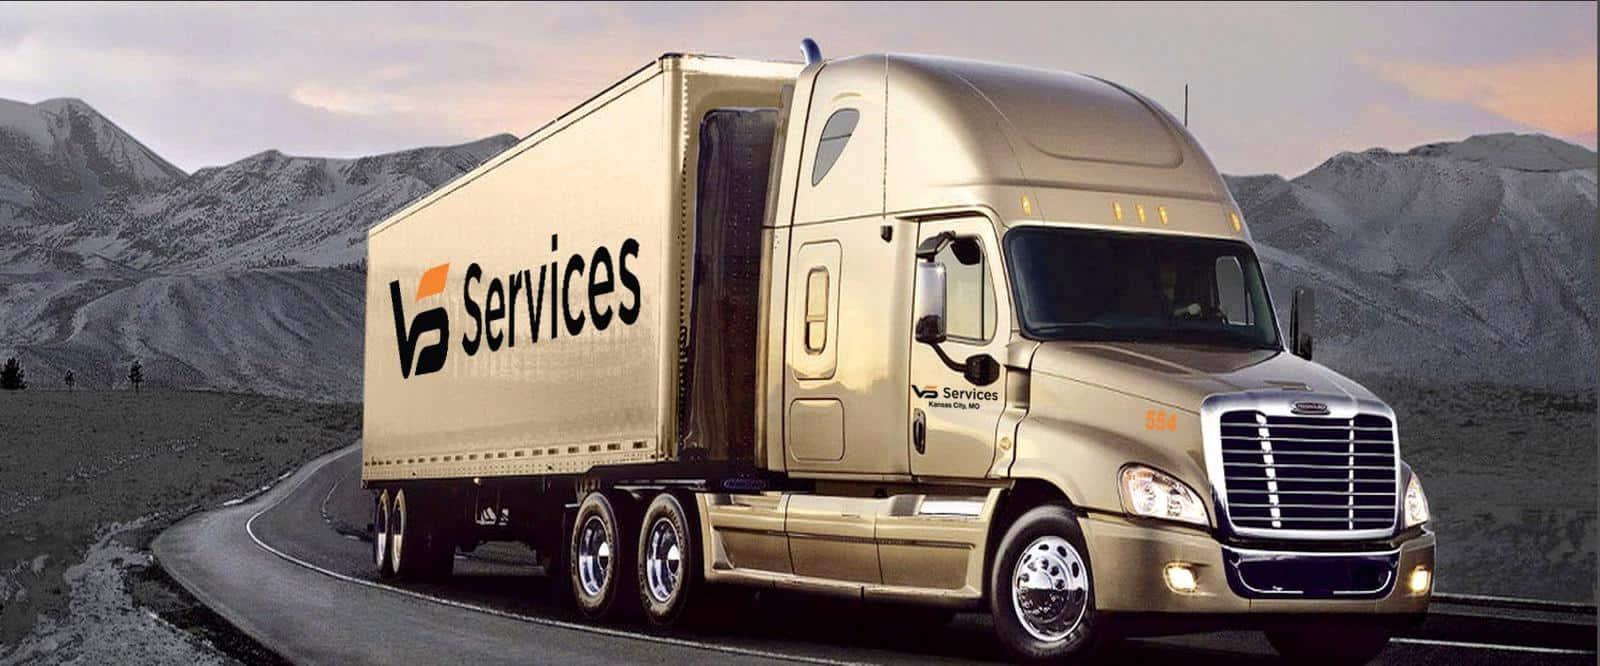 VS Services LLC a Trucking Company Kansas City